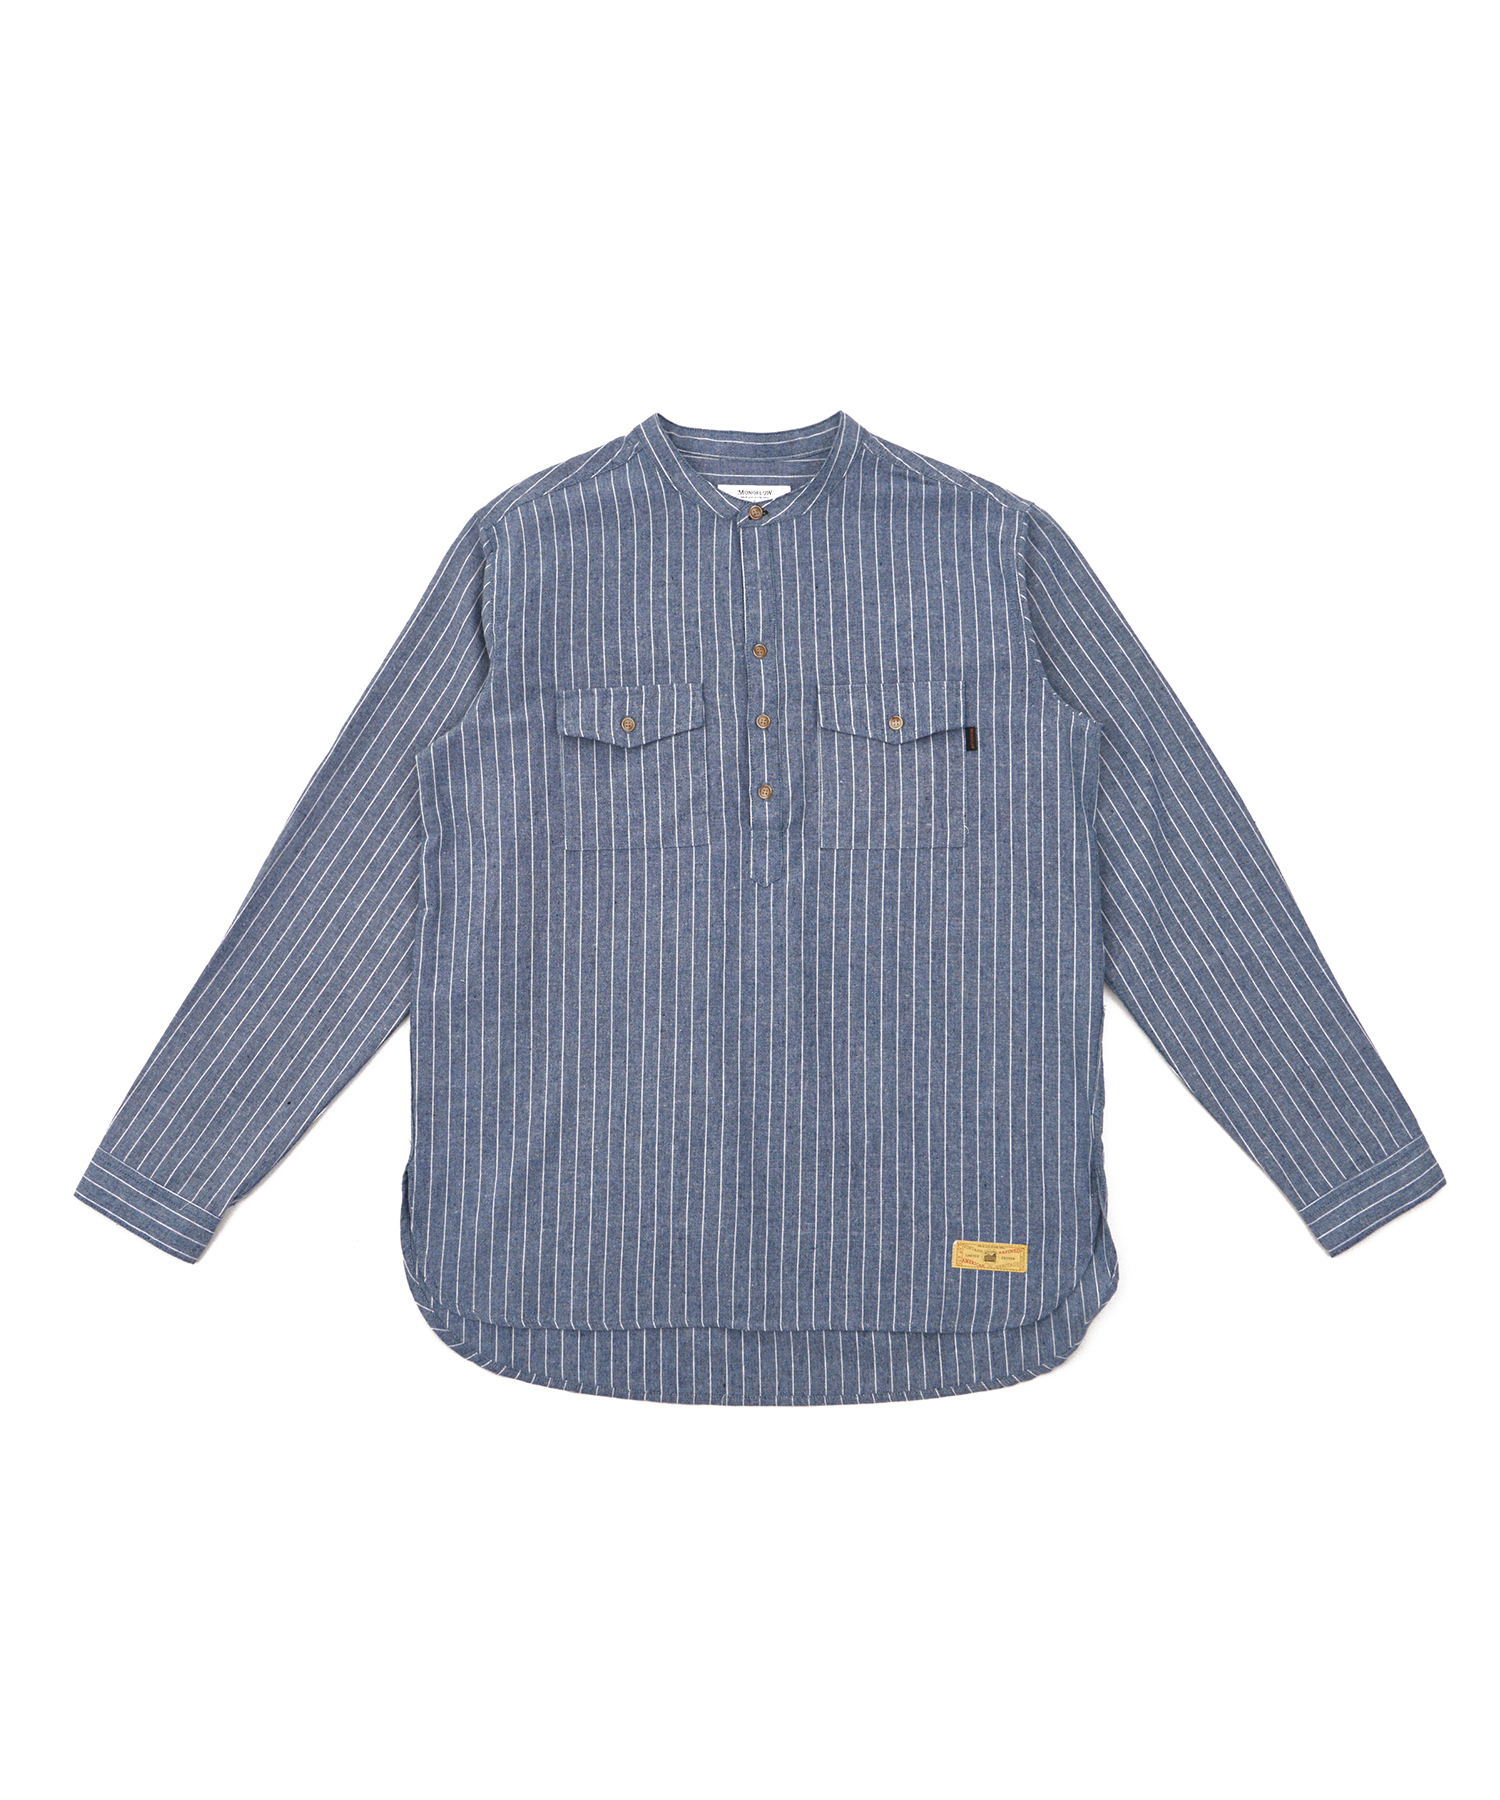 모노플로우 스트라이프 차이나카라 풀오버 셔츠 STRIPE CHINA PULLOVER